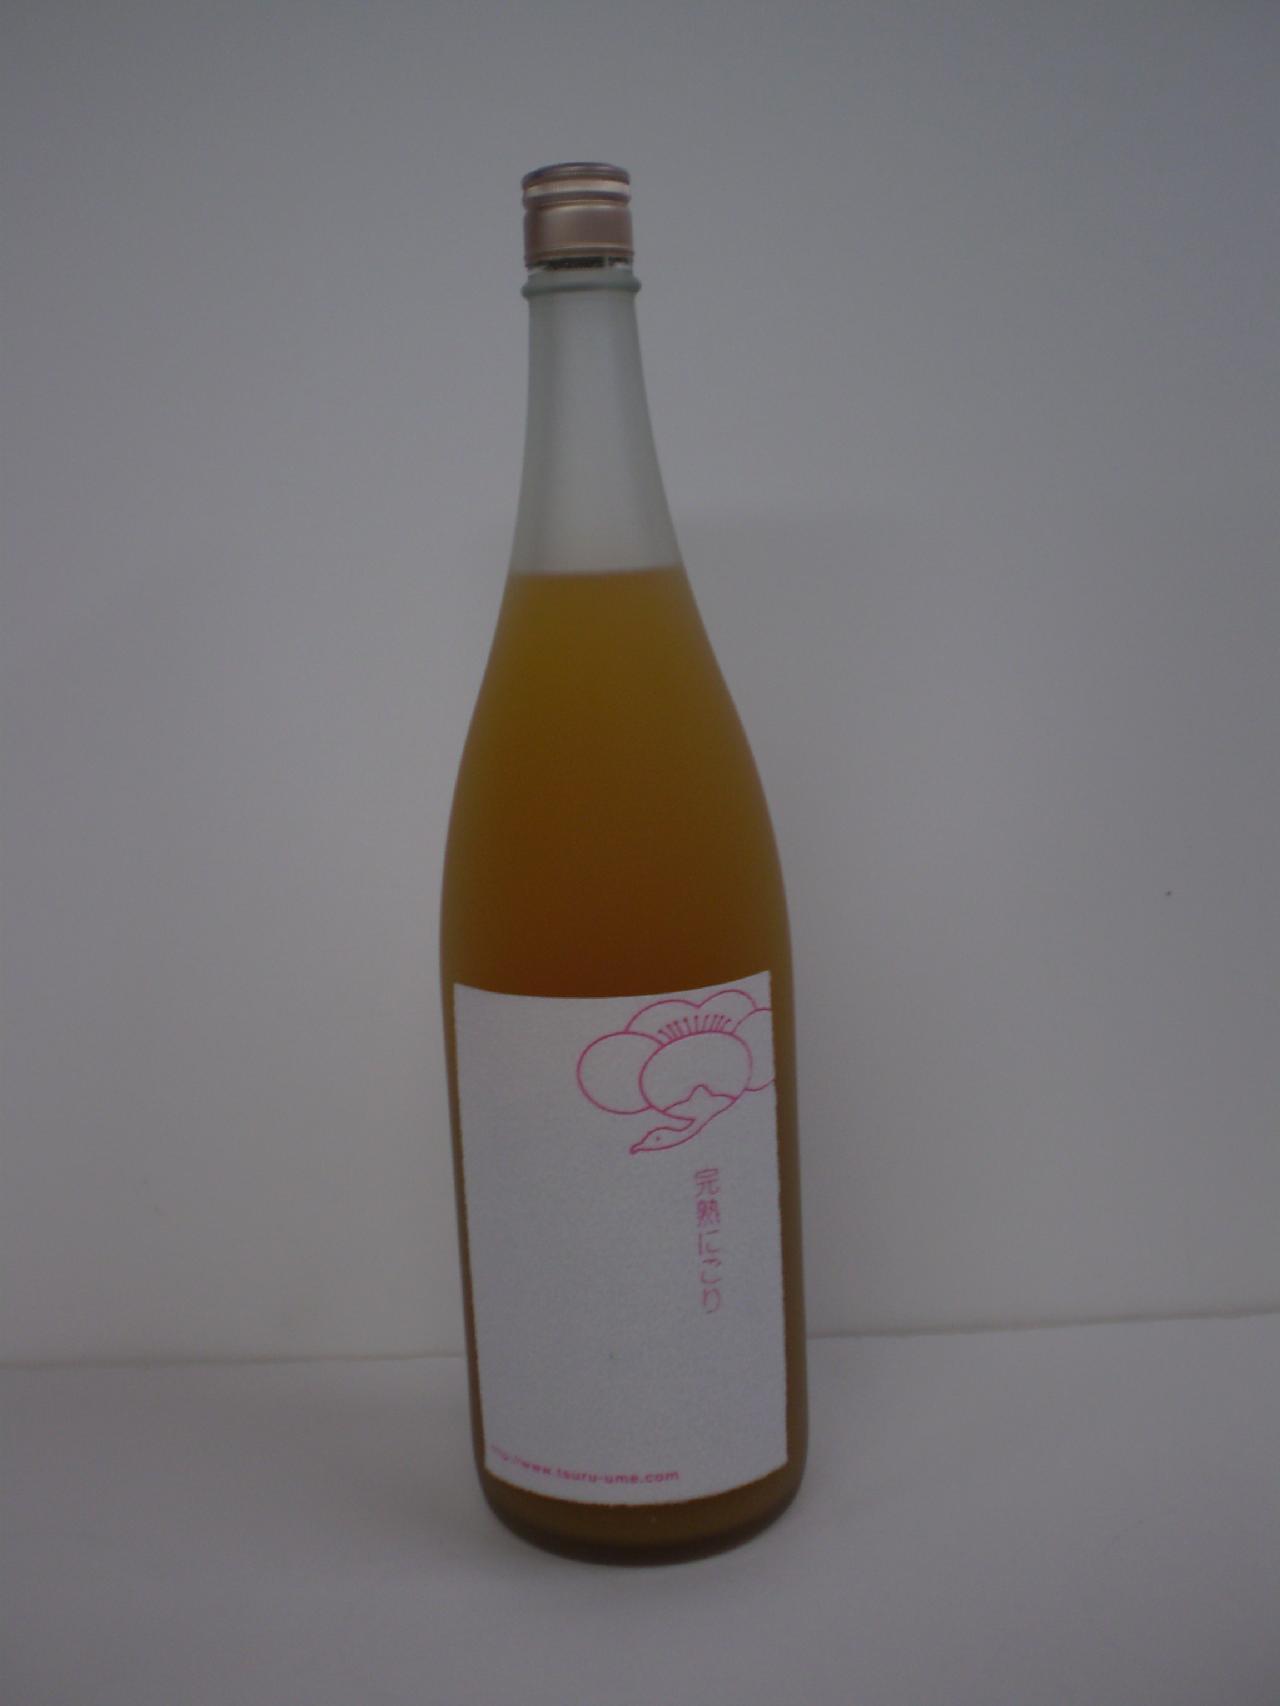 鶴梅 完熟にごり 1800ml 平和酒造